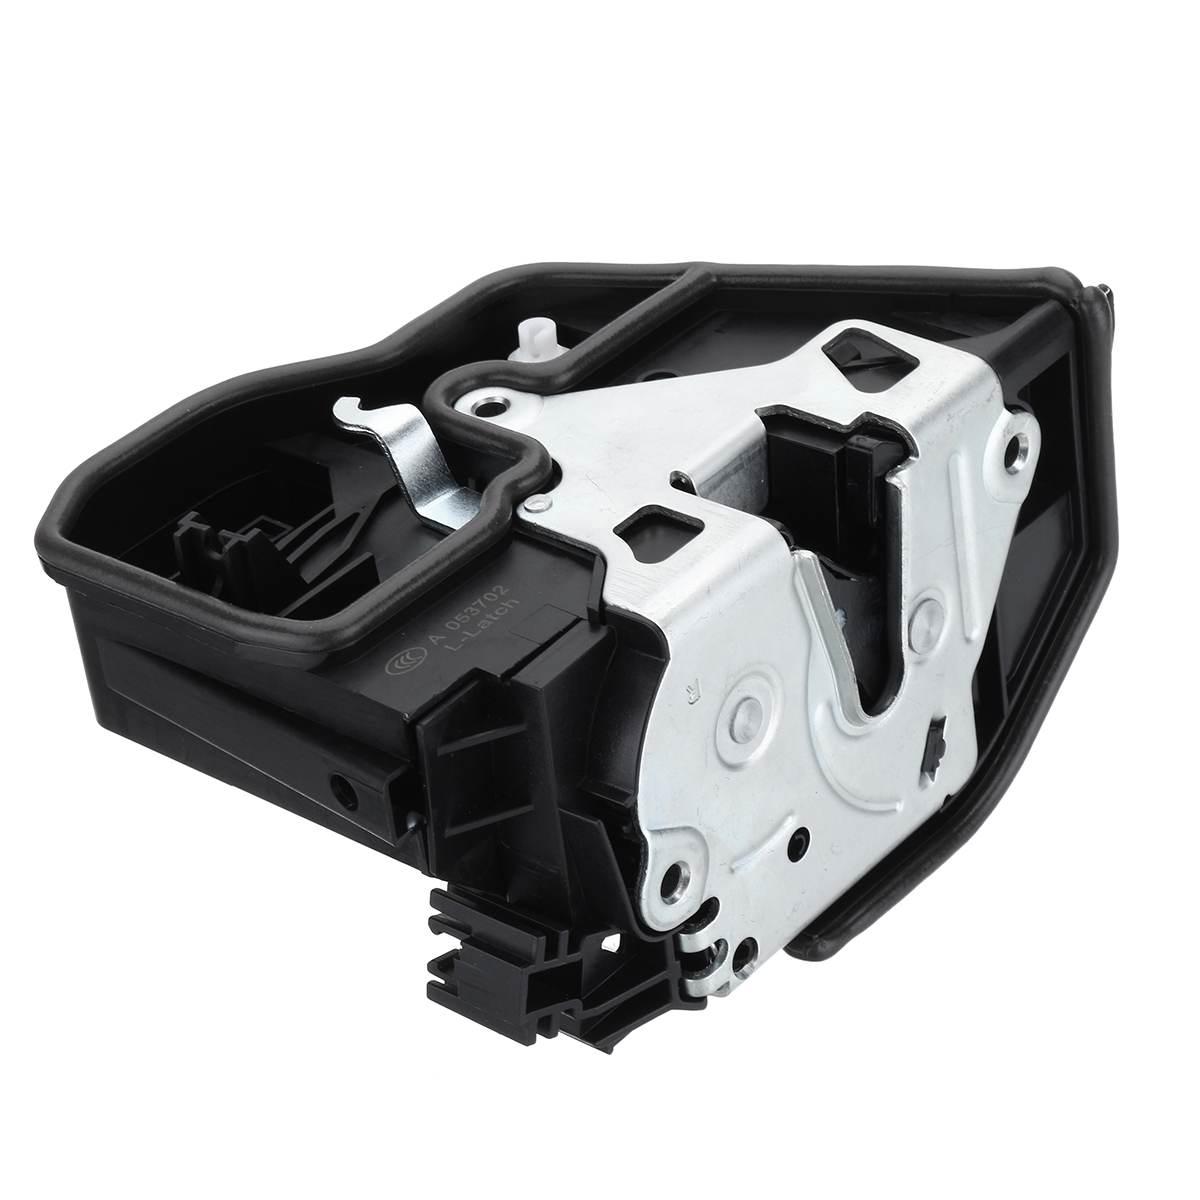 Avant arrière gauche droite électrique serrure de porte loquet actionneur pour BMW X6 E60 E70 E90 51217202143 51217202146 51227202147 51227202148 - 4